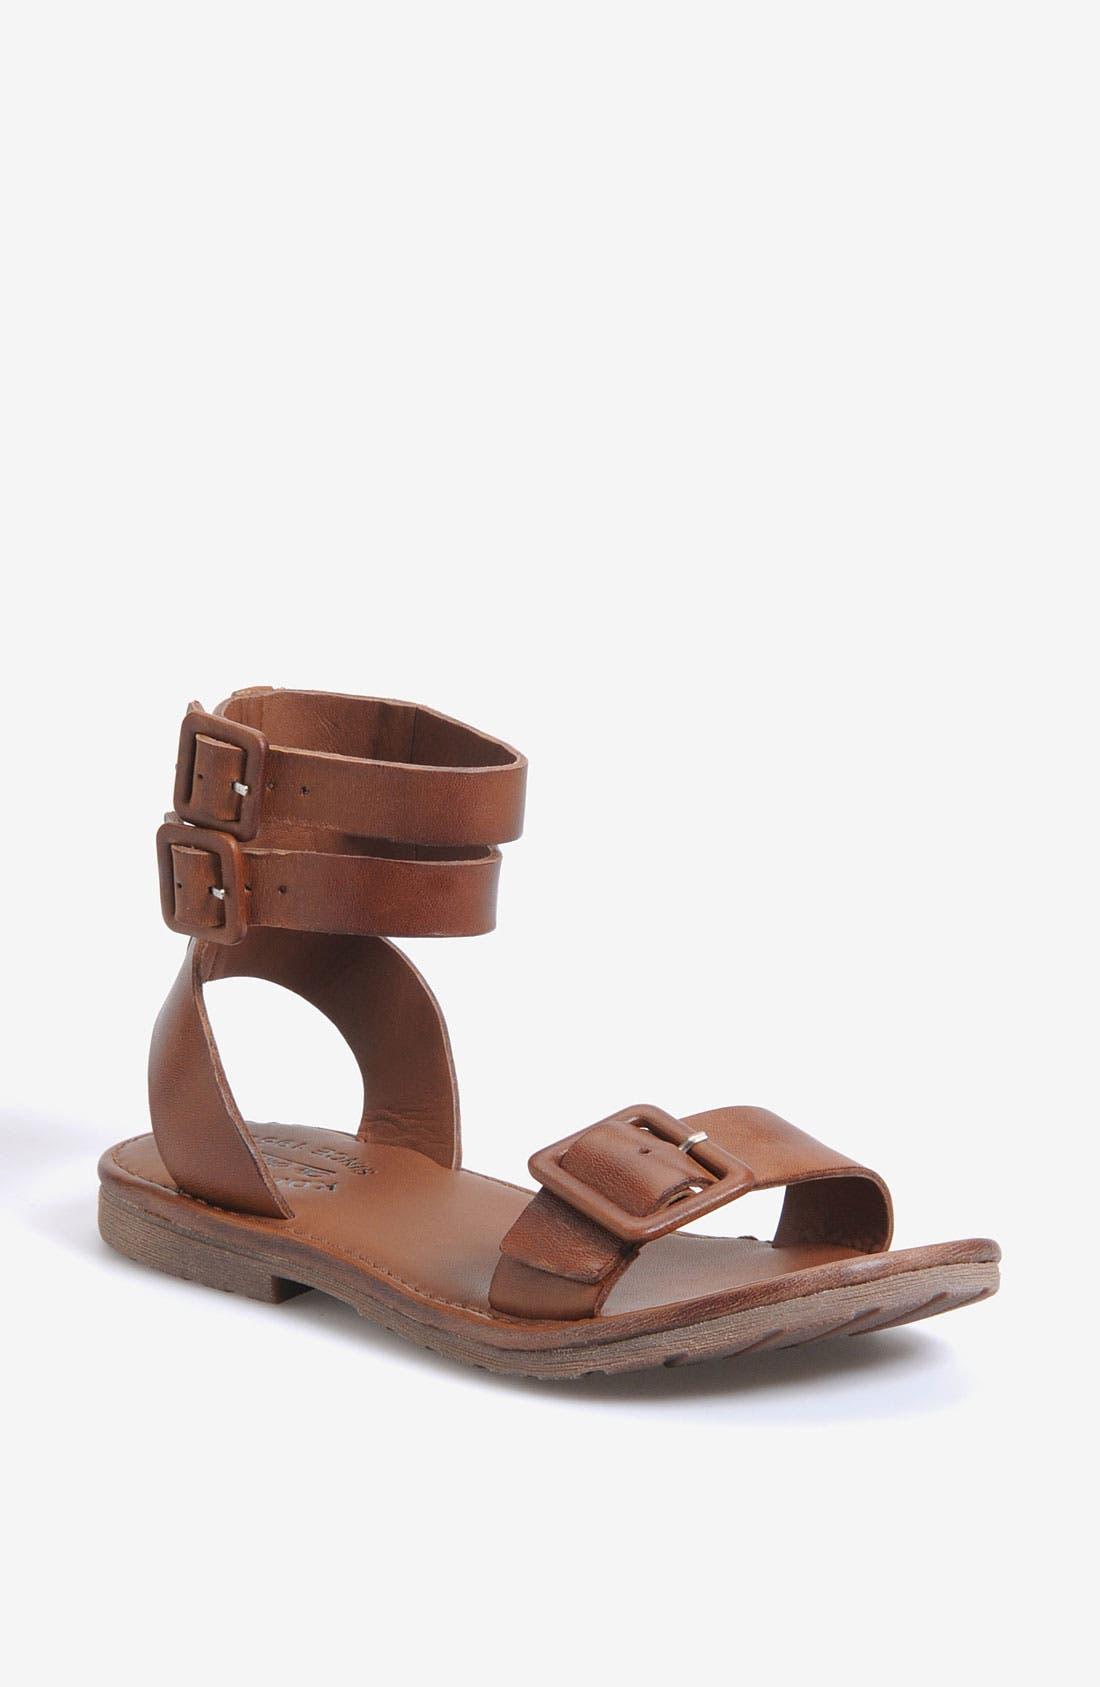 Main Image - Kork-Ease 'Yvette' Sandal